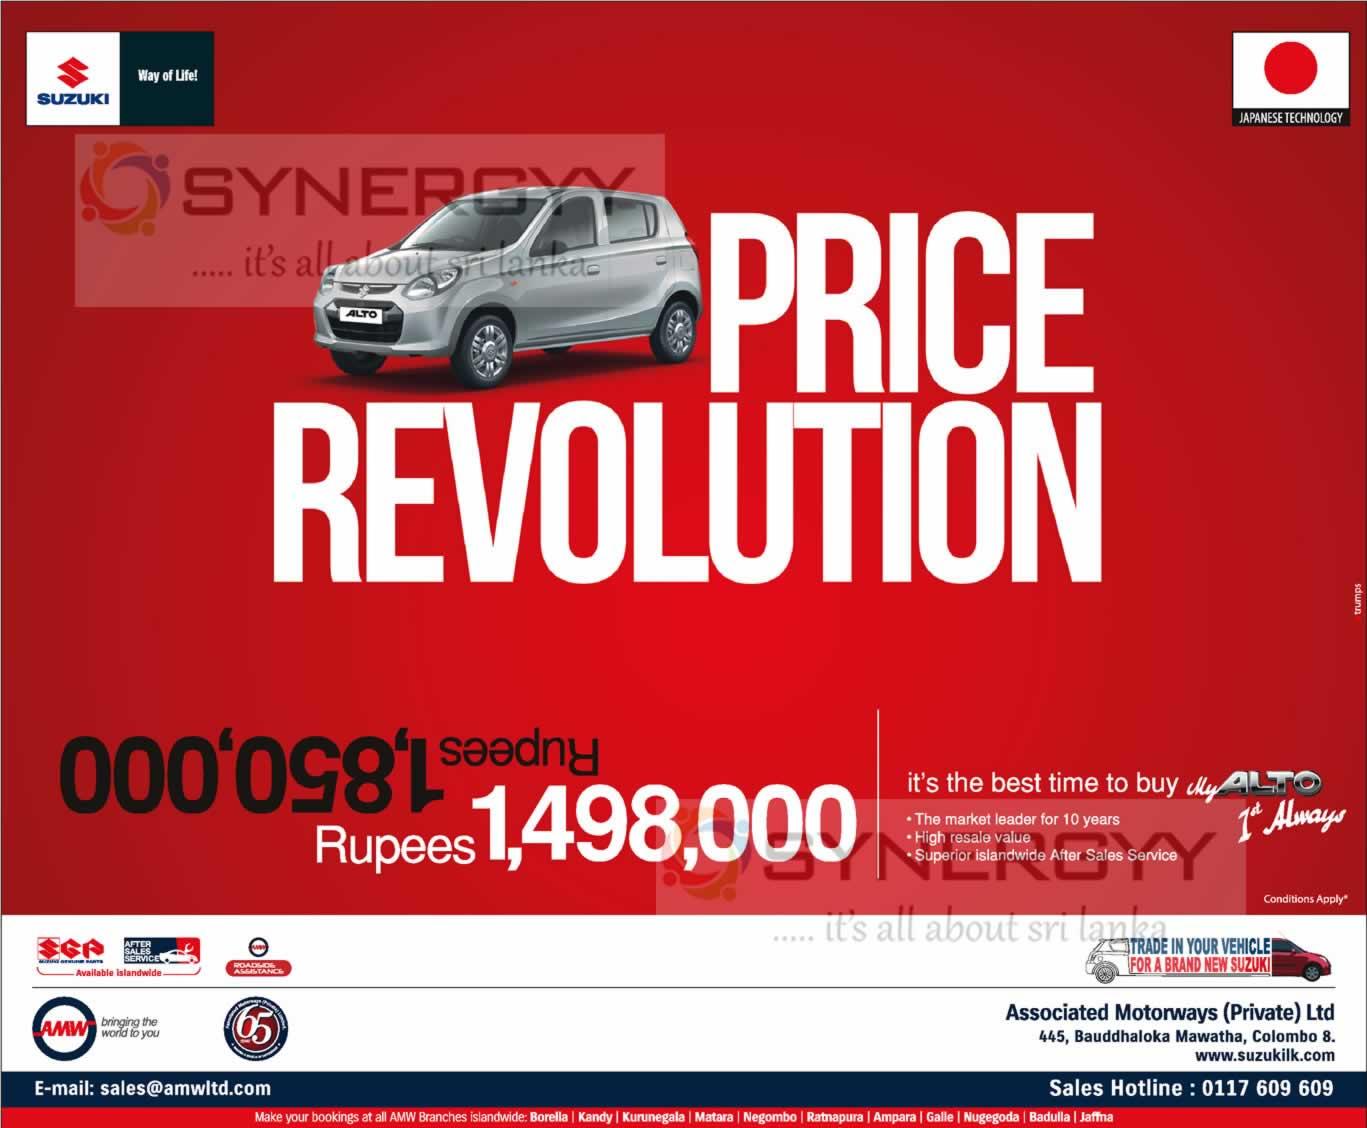 Suzuki Alto New Price In Sri Lanka Rs 1 498 000 January 2015 171 Synergyy